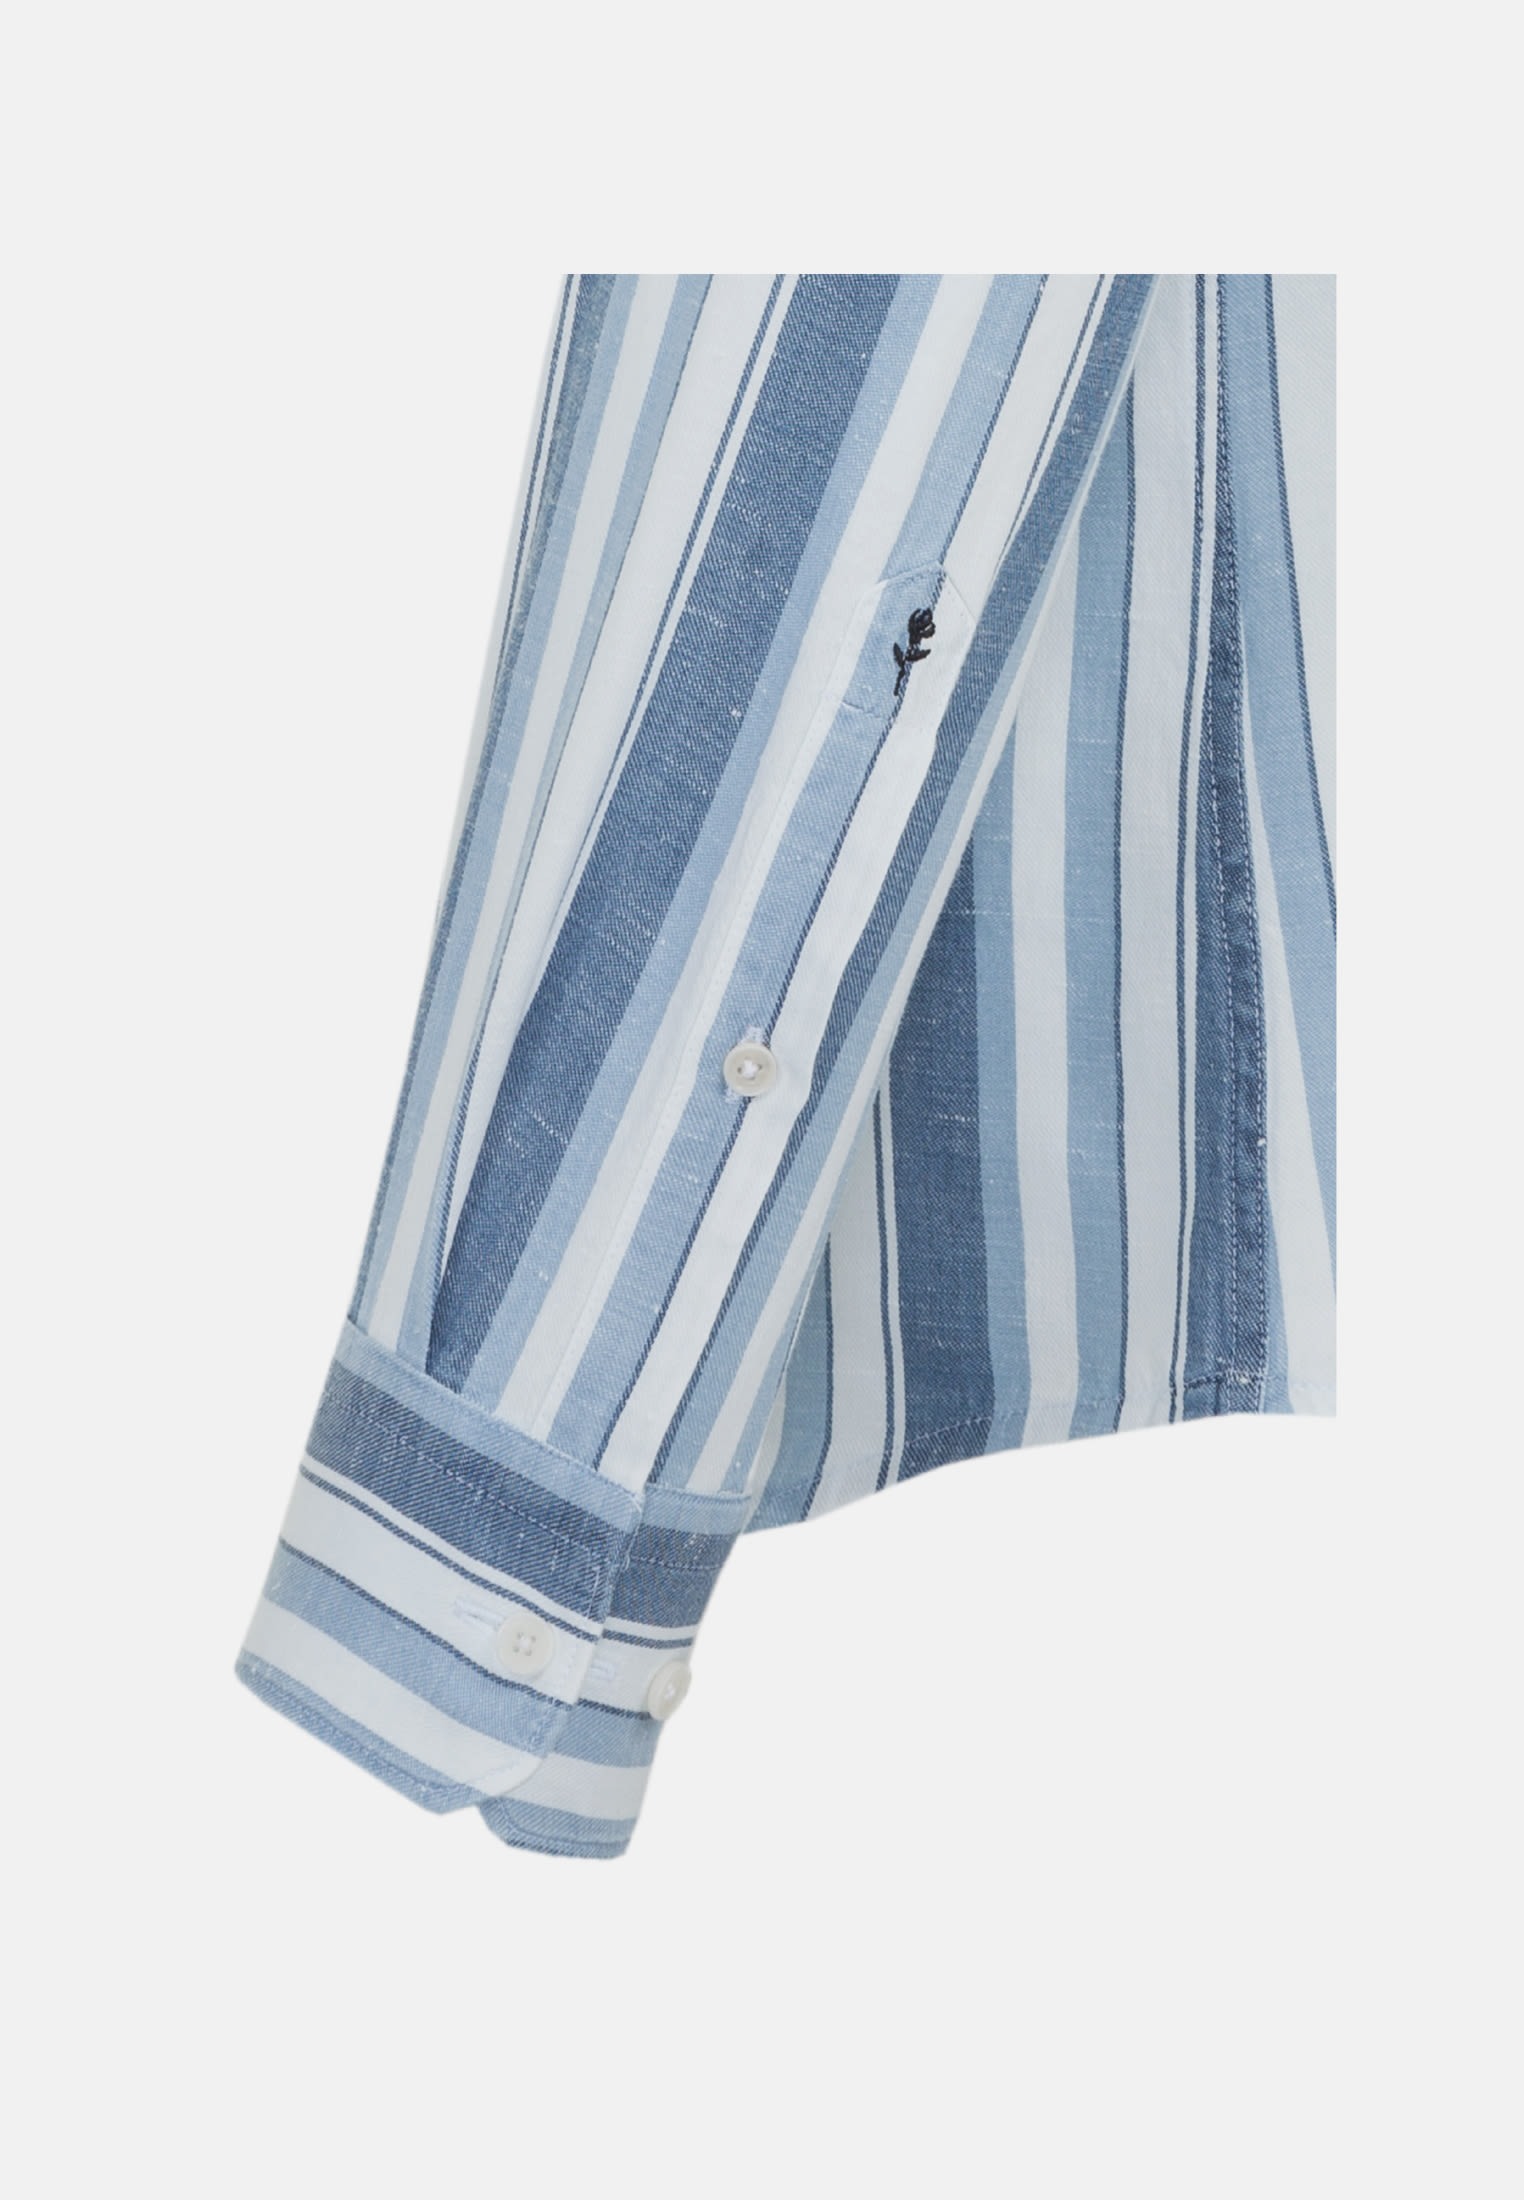 Linen Business Shirt in Tailored with Button-Down-Collar in blau |  Seidensticker Onlineshop